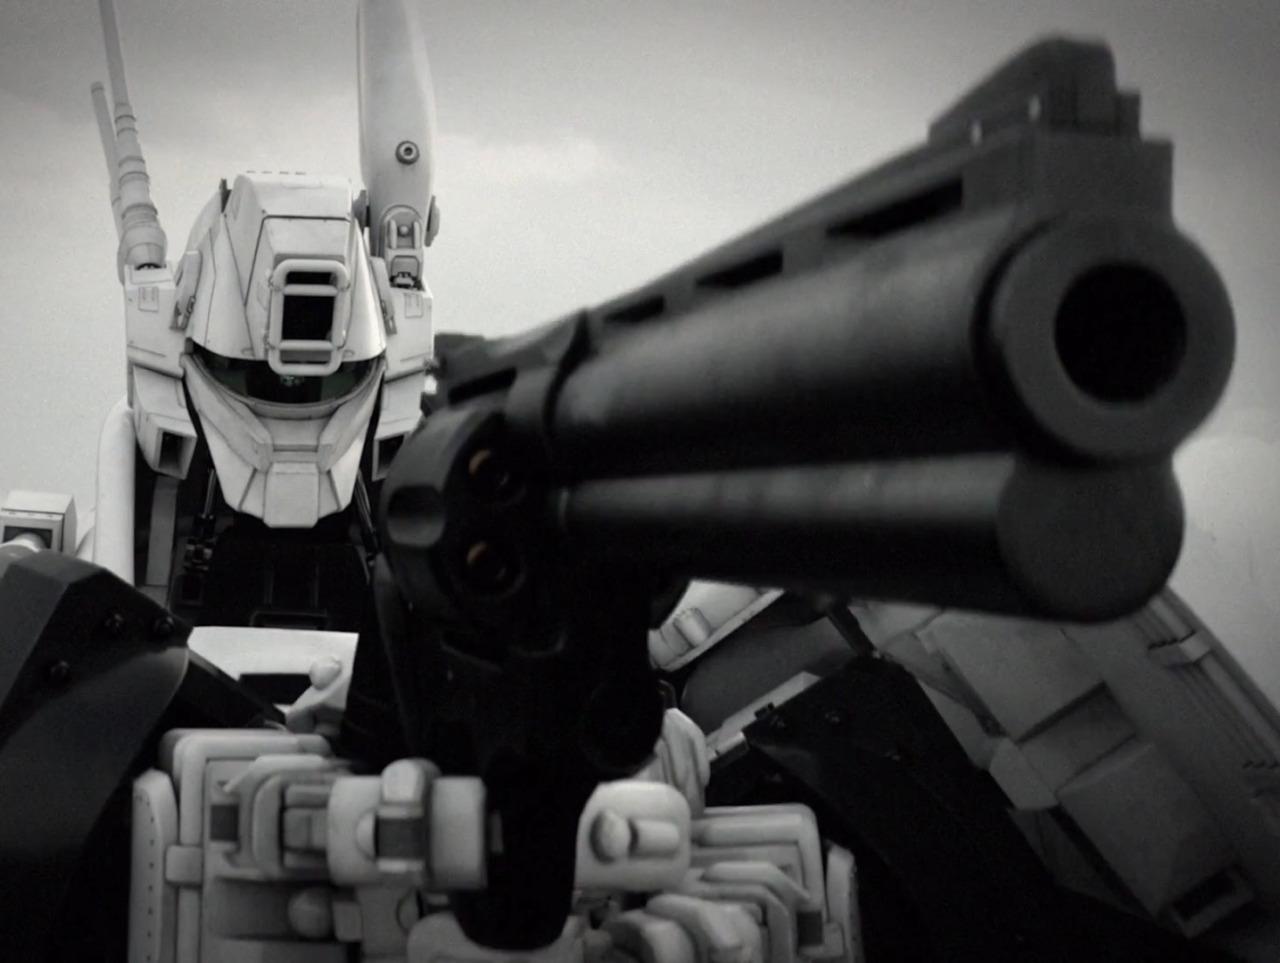 robot gun # 28  LIBERTY INFINITY